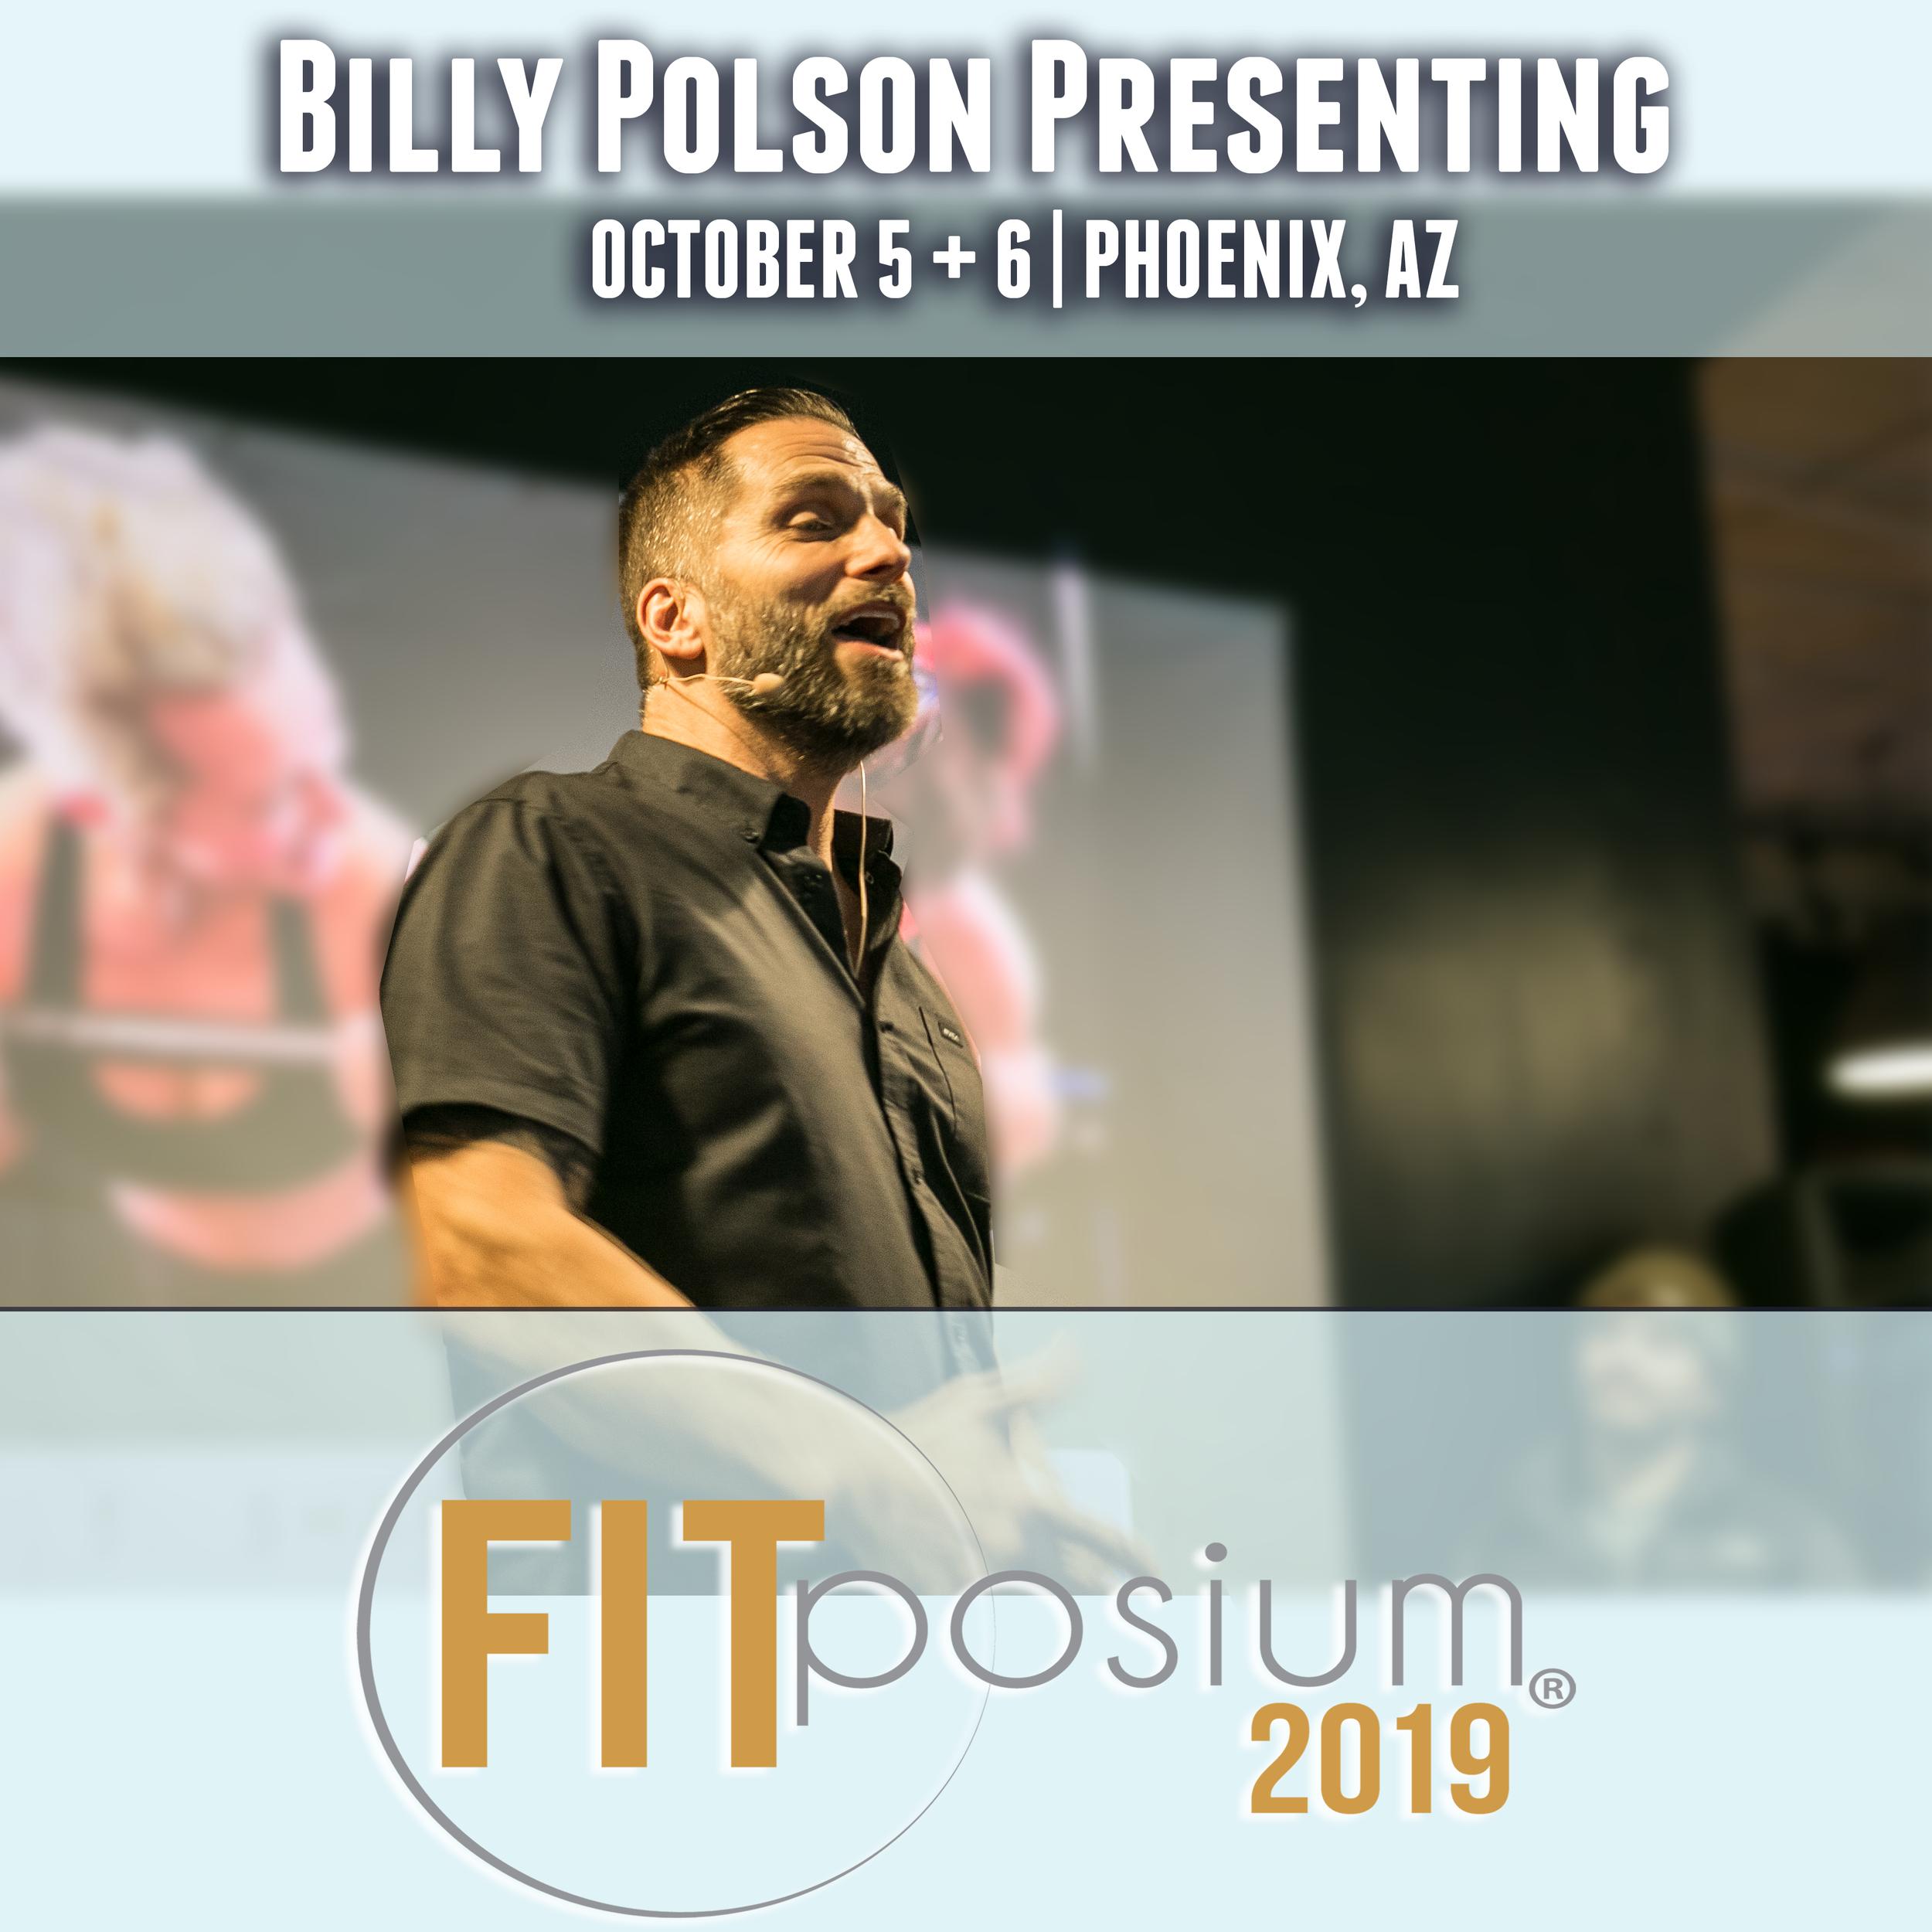 FITposium 2019.jpg